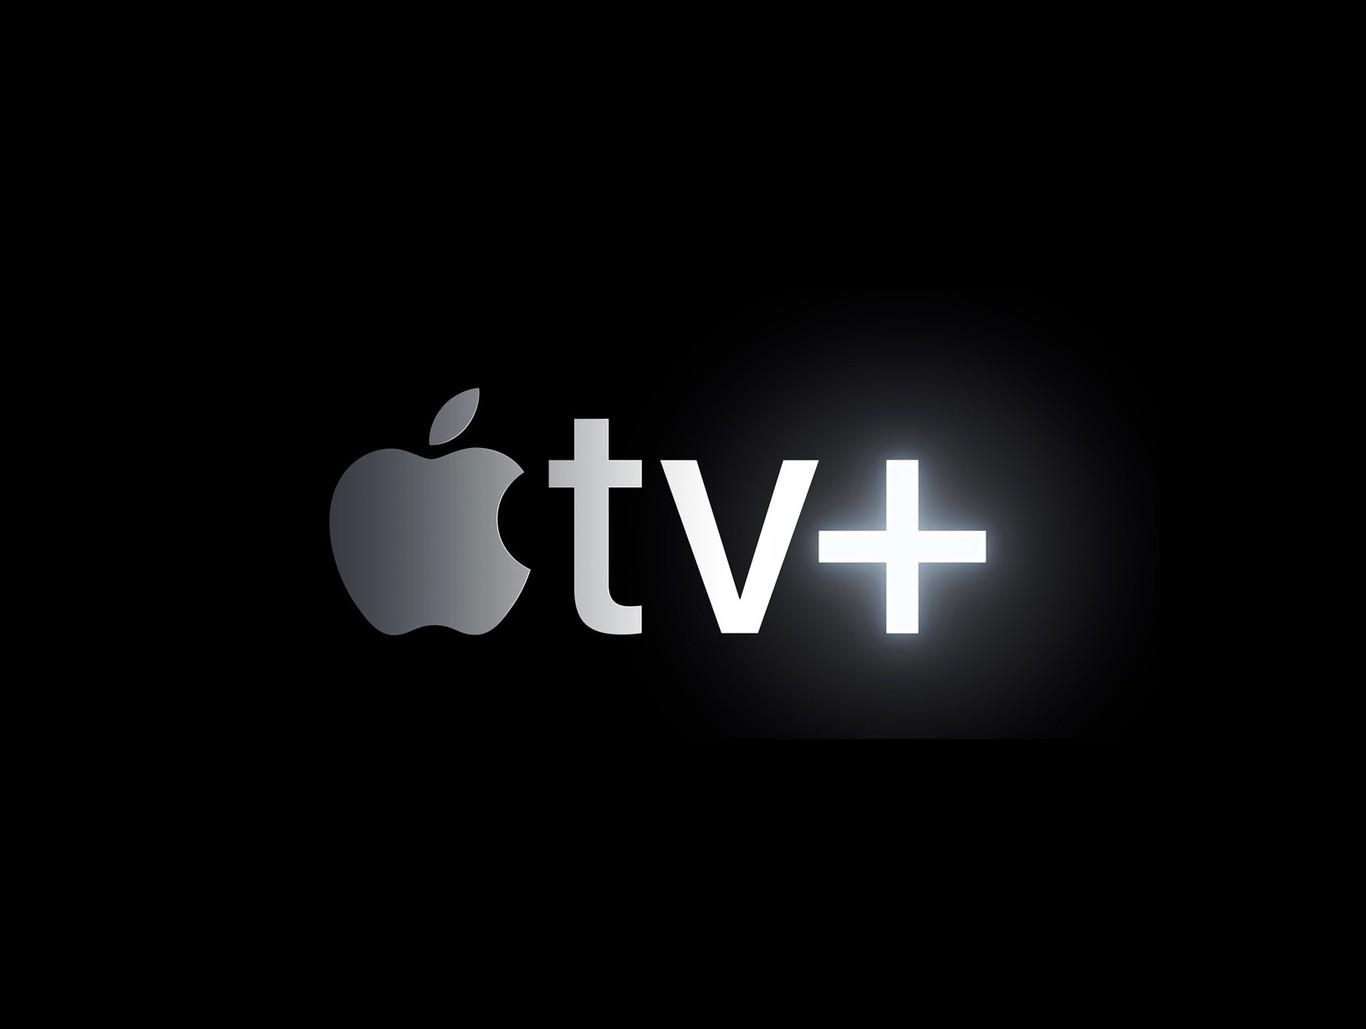 Apple TV+ llegará en noviembre por 9,99 dólares al mes, según Bloomberg